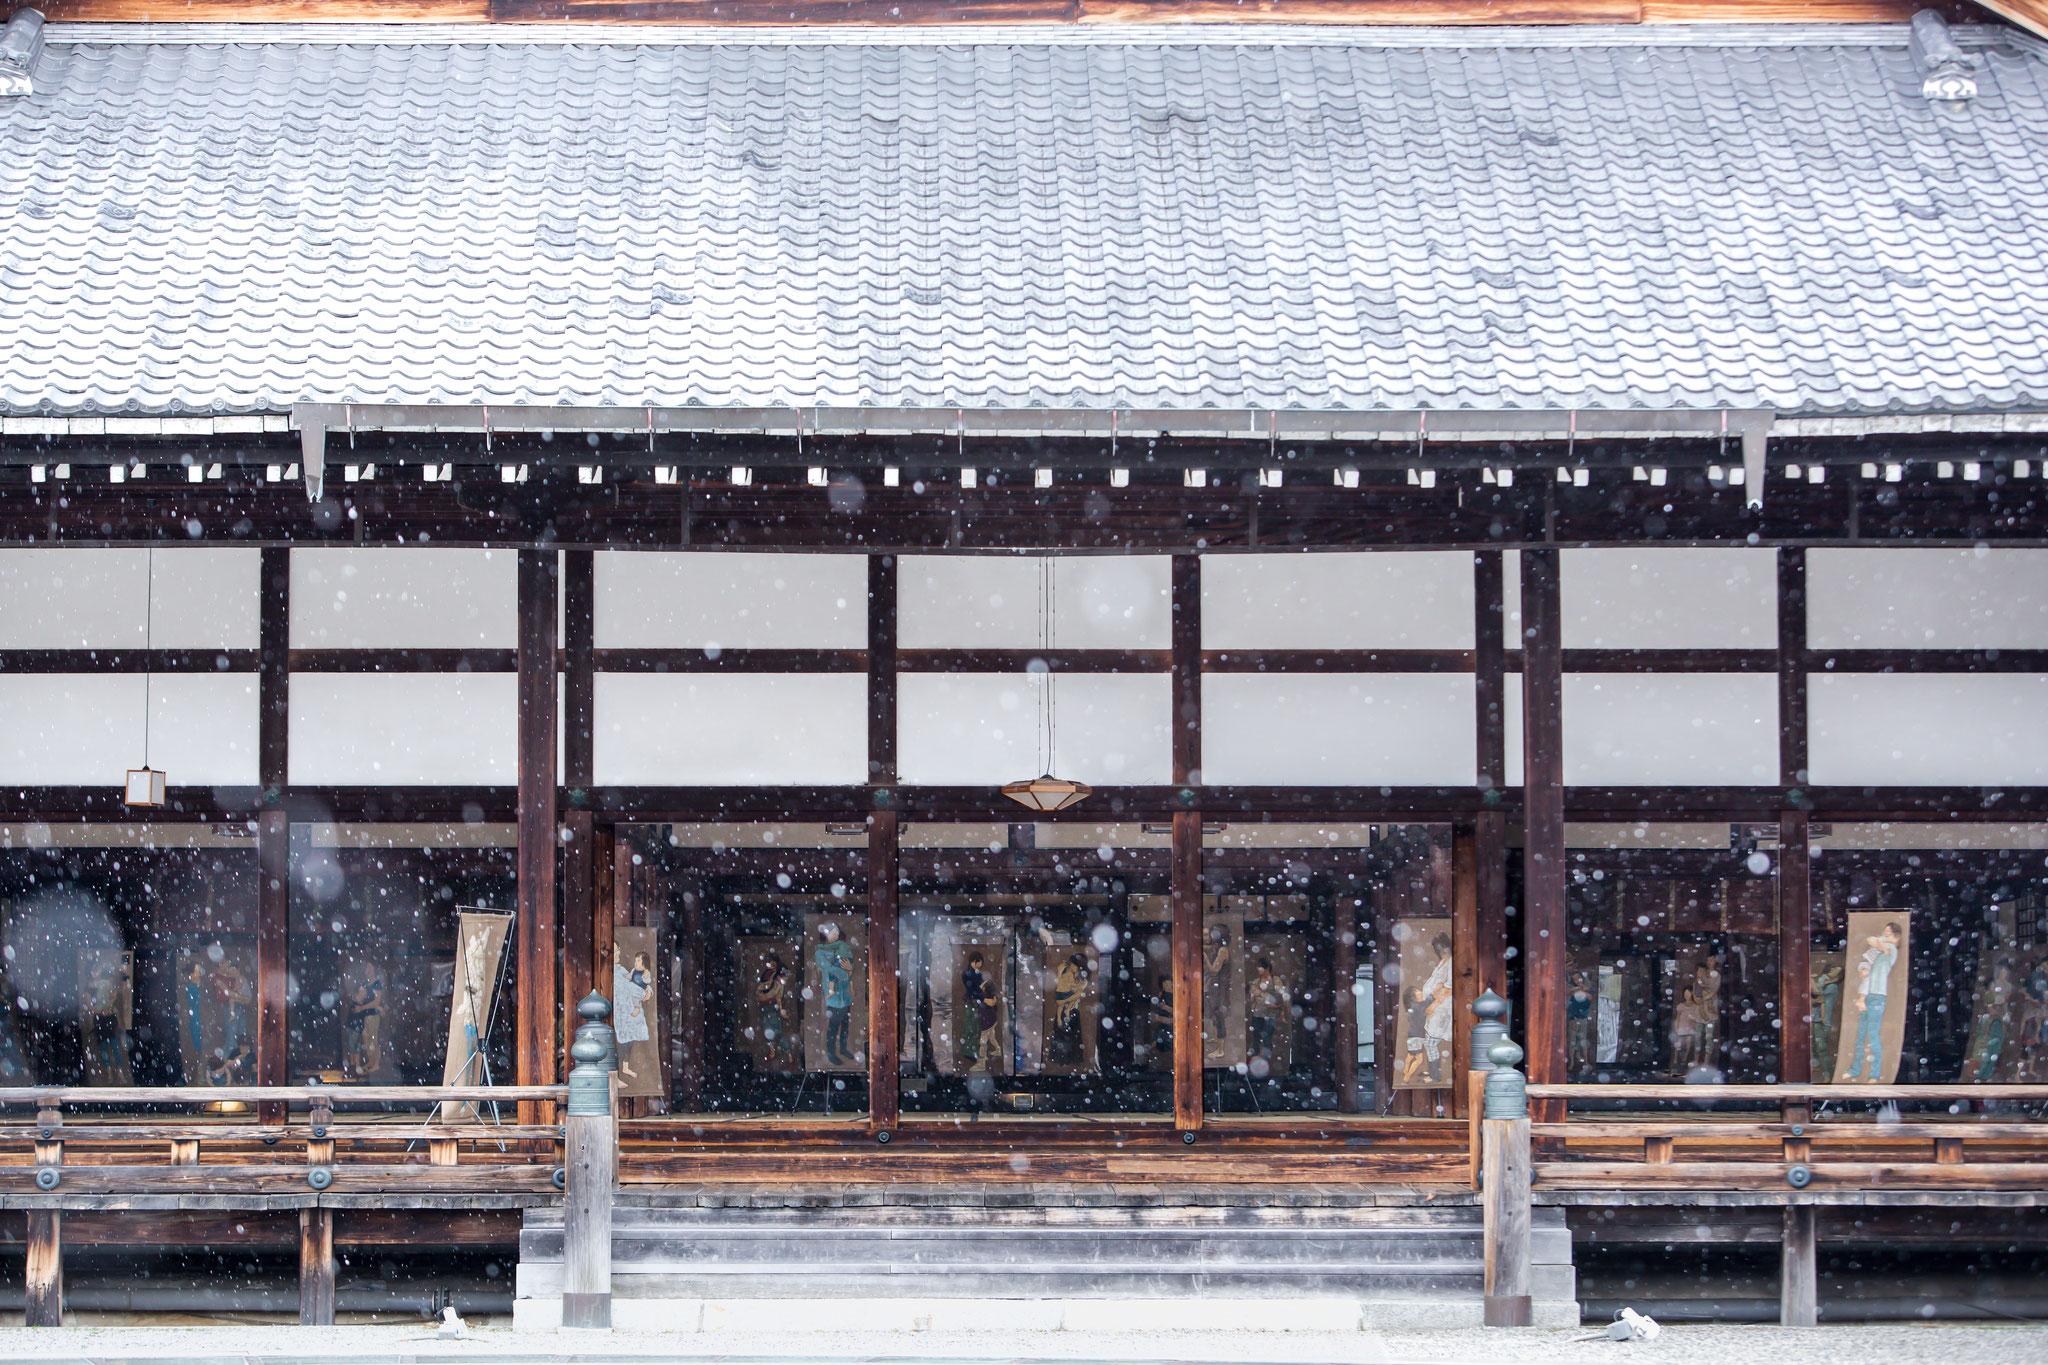 東本願寺・大寝殿・大広間 (京都府・京都市 ) 2015年3月11日